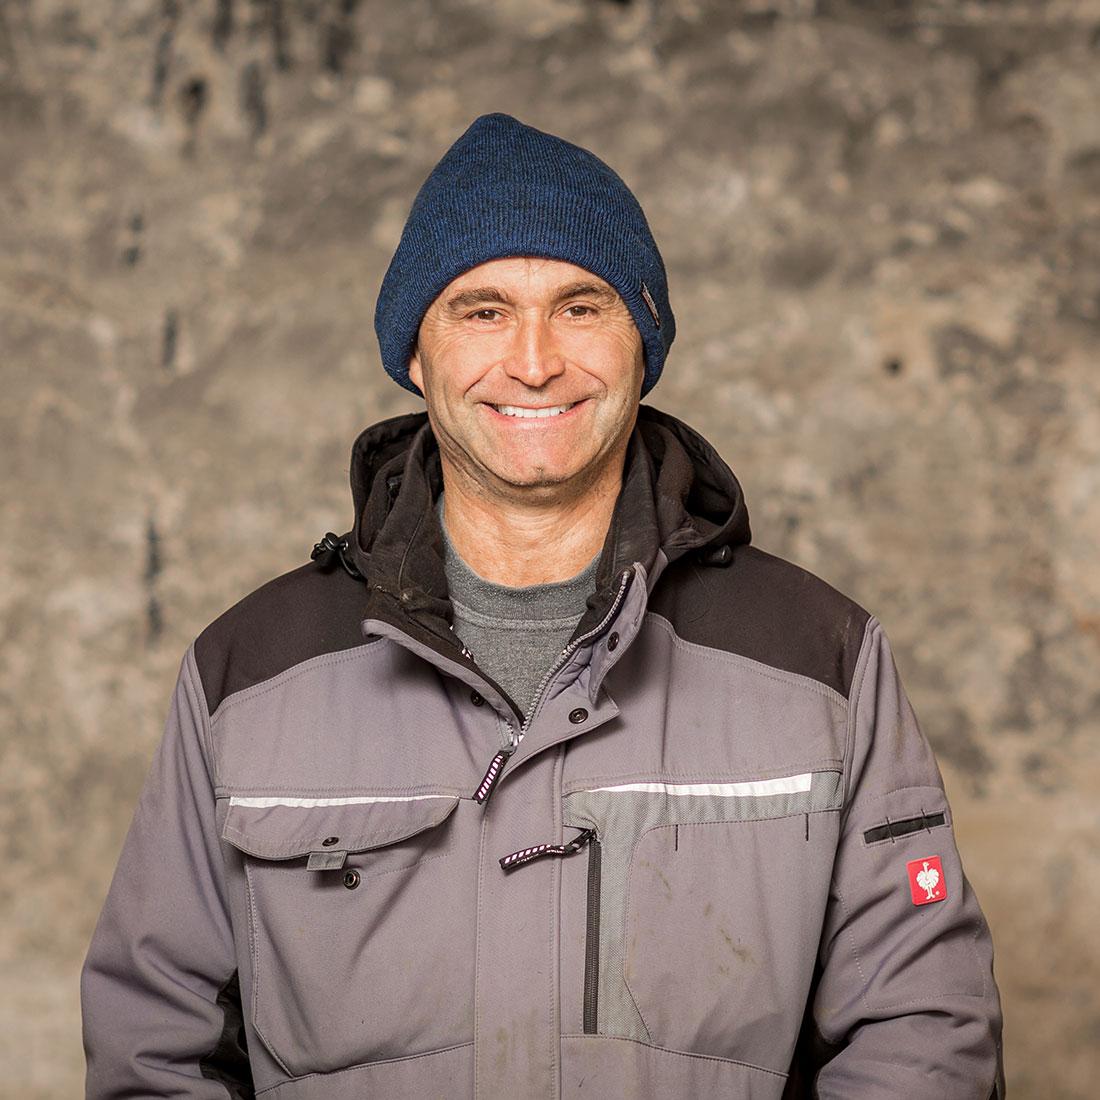 Michael Erbeldinger